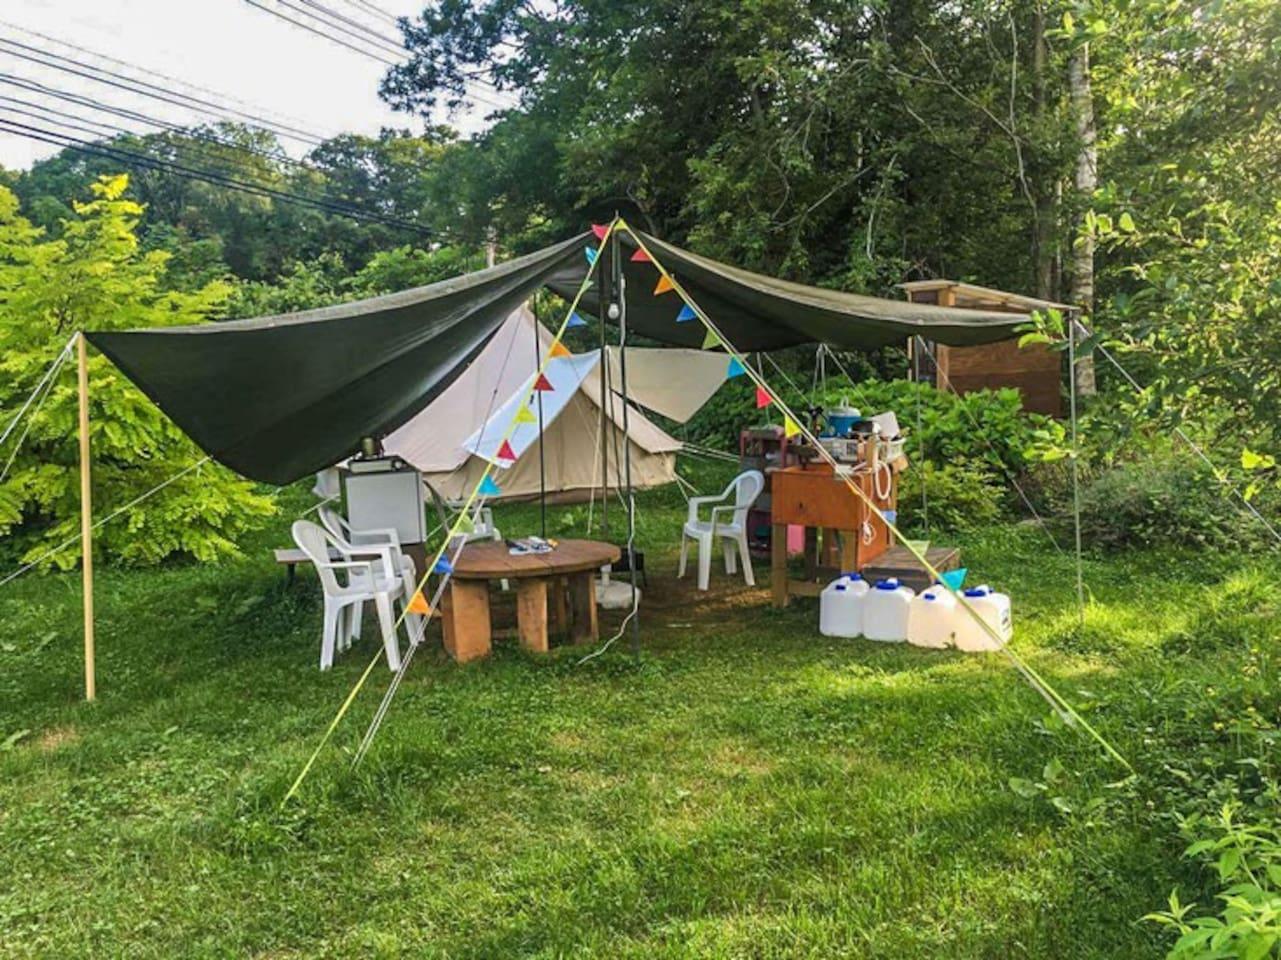 comfortable outdoor tent stay in niseko tipis for rent in 虻田郡